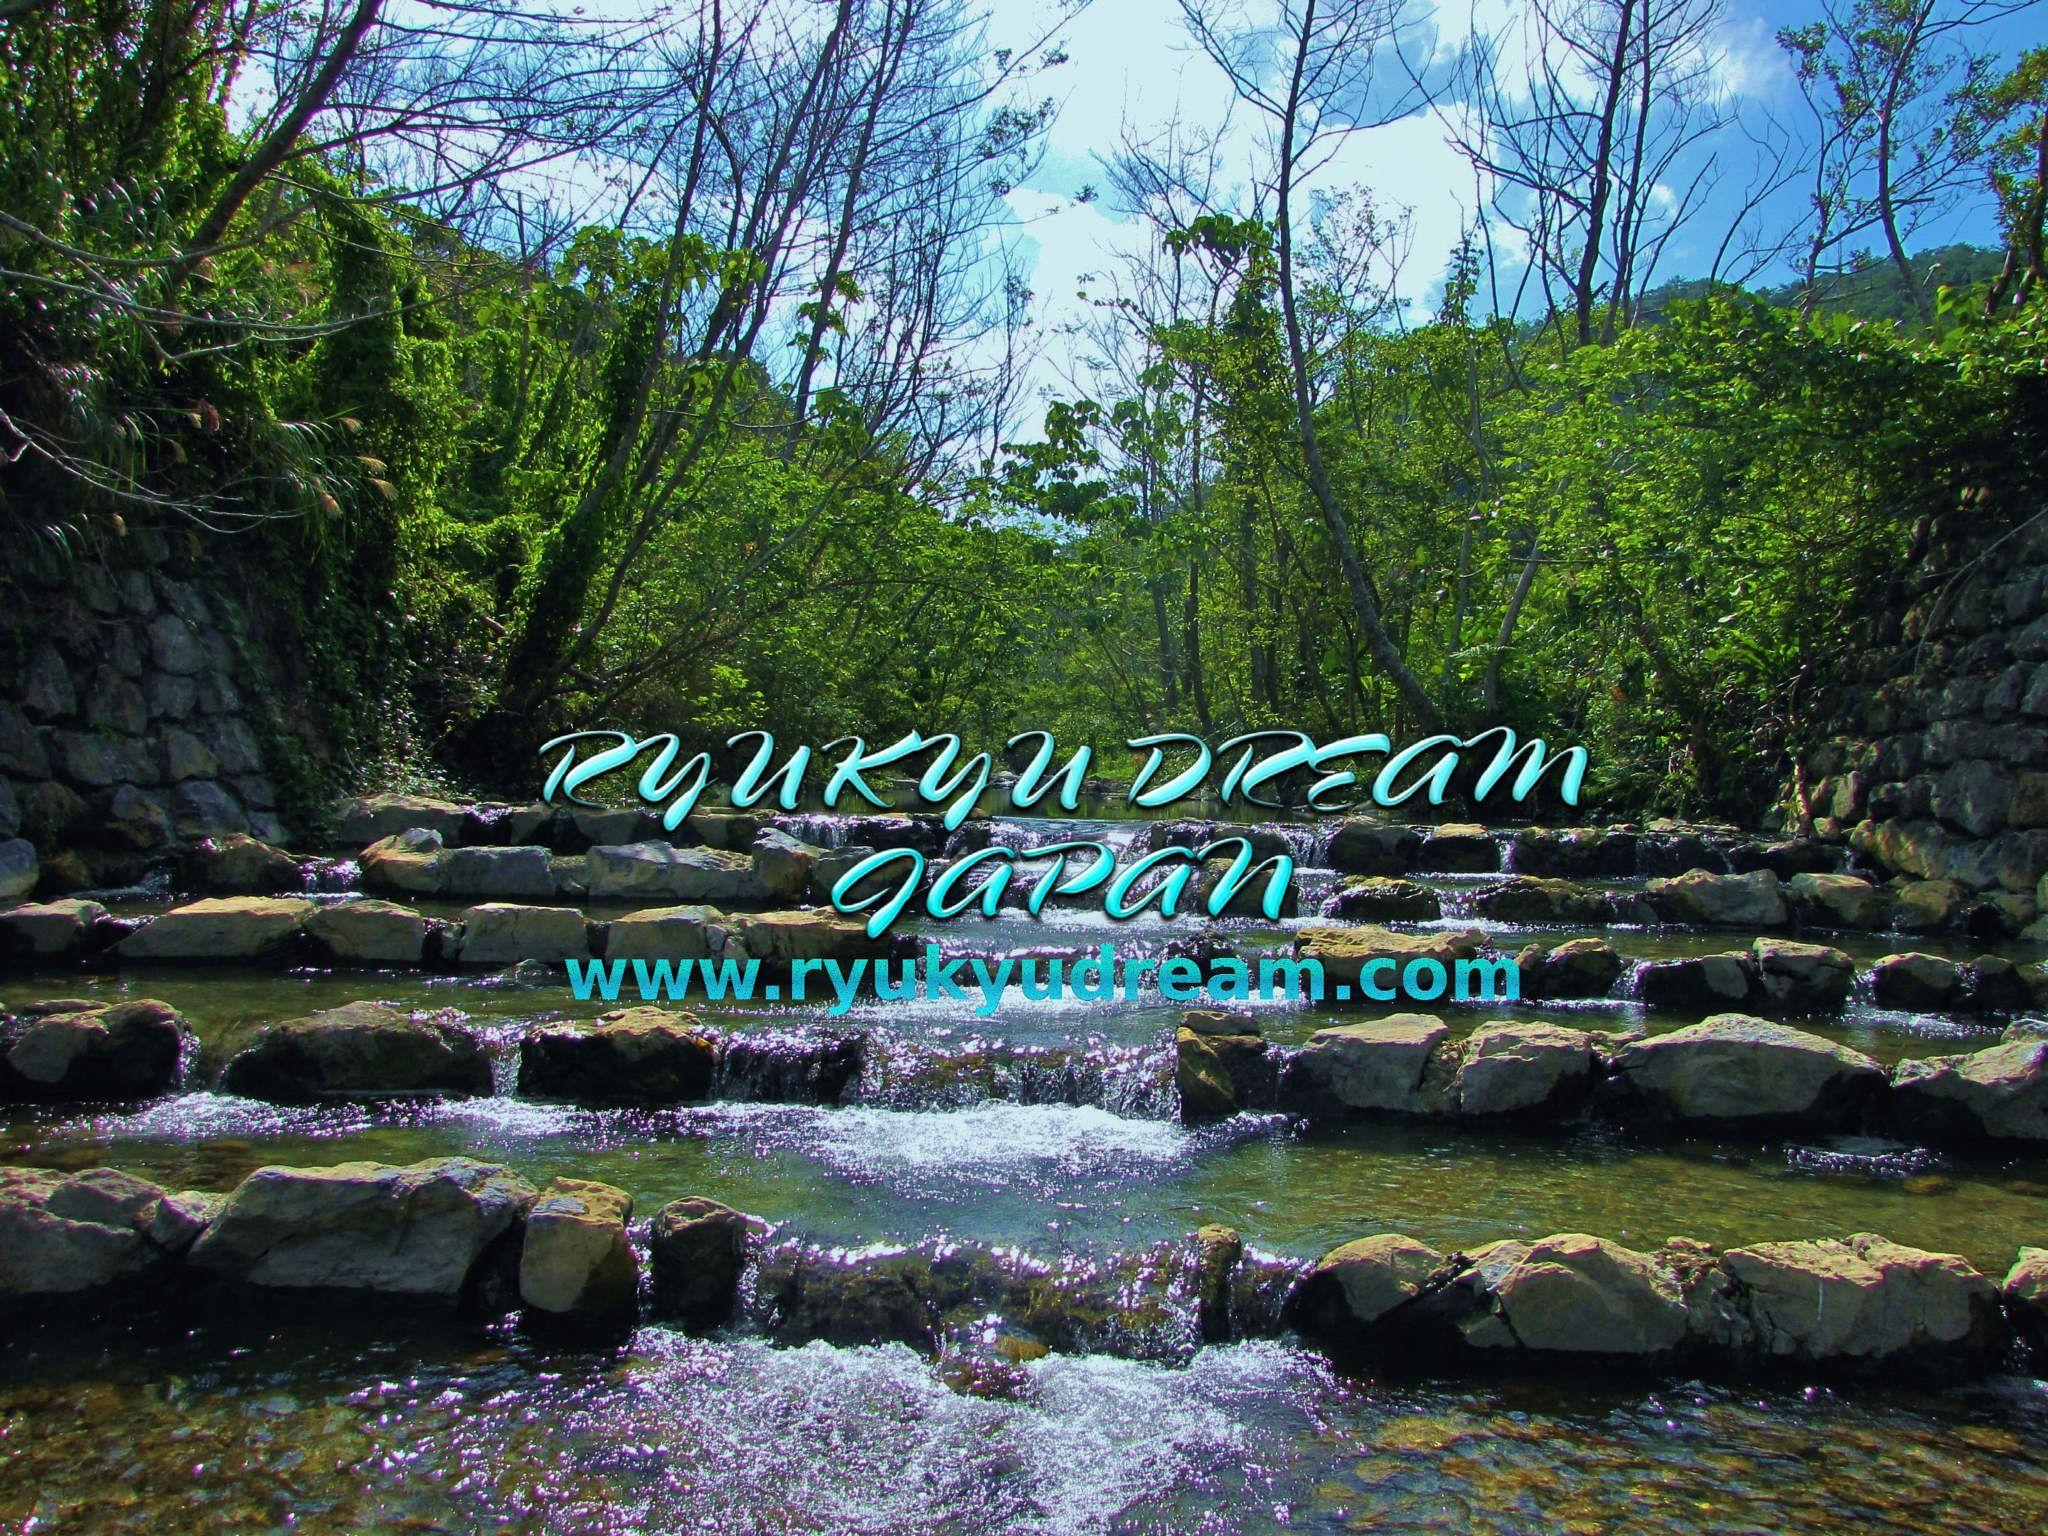 日本国沖縄県でクリエイティブしています! 「写真撮影・映像制作・音楽制作・WEB制作・フードプランニング」 RYUKYU DREAM JAPAN http://www.ryukyudream.com/